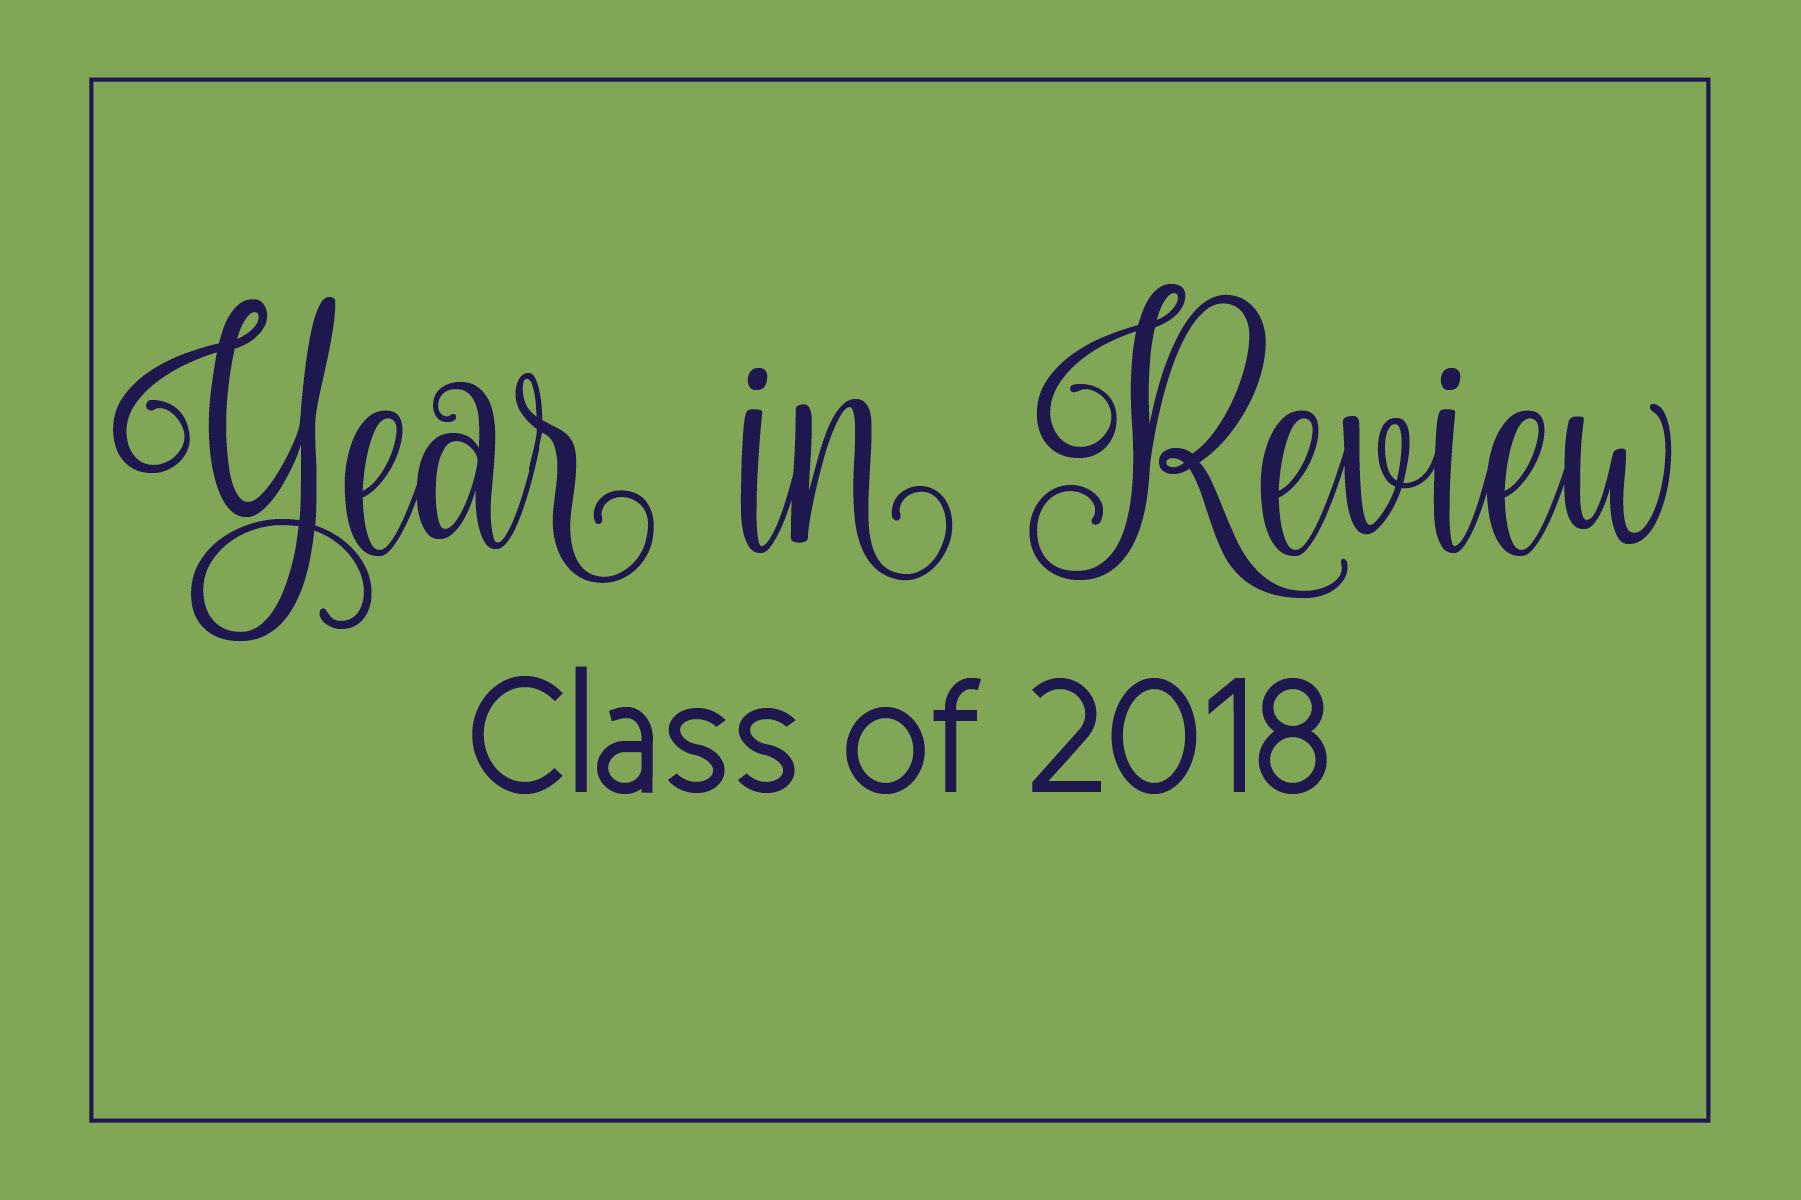 class of 2018.jpg